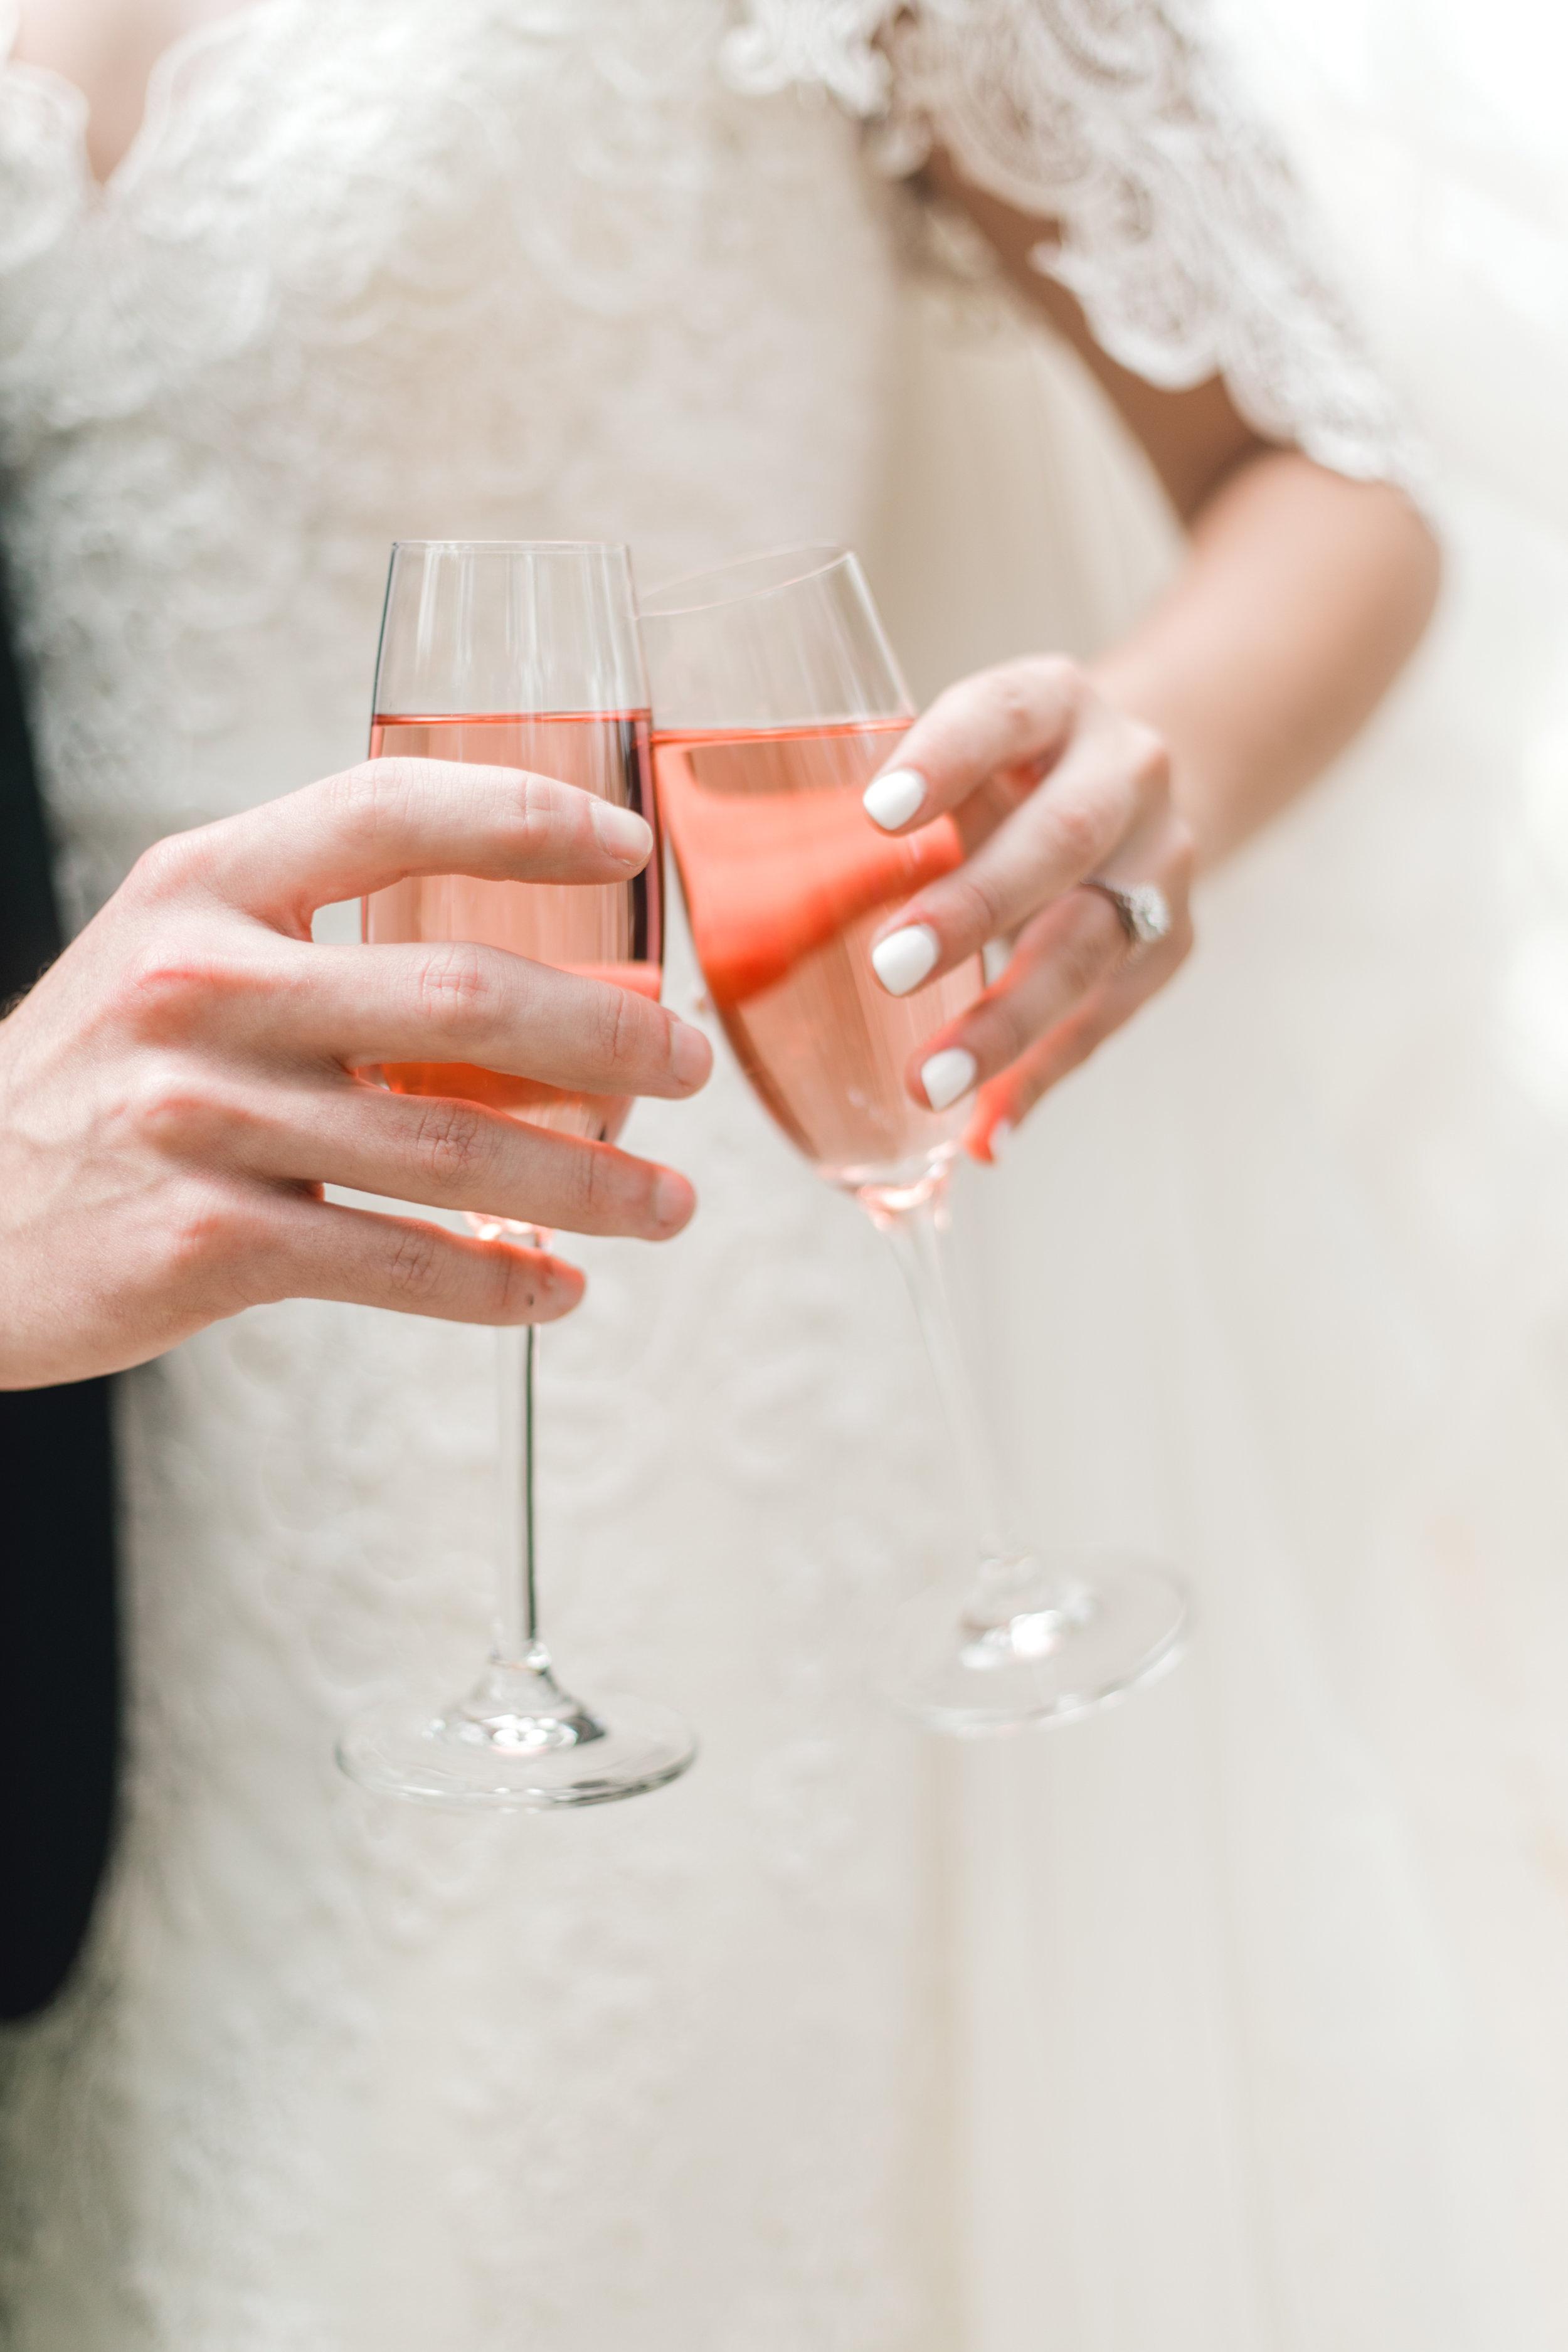 champagne-toast-wormsloe-elopement-selycia-yang-photography-wormsloe-weddings-savannah-wedding-planner-savannah-wedding-dresses-maggie-sottero-elliana-off-the-shoulder-wedding-dress-romantic-wormsloe-weddings.jpg